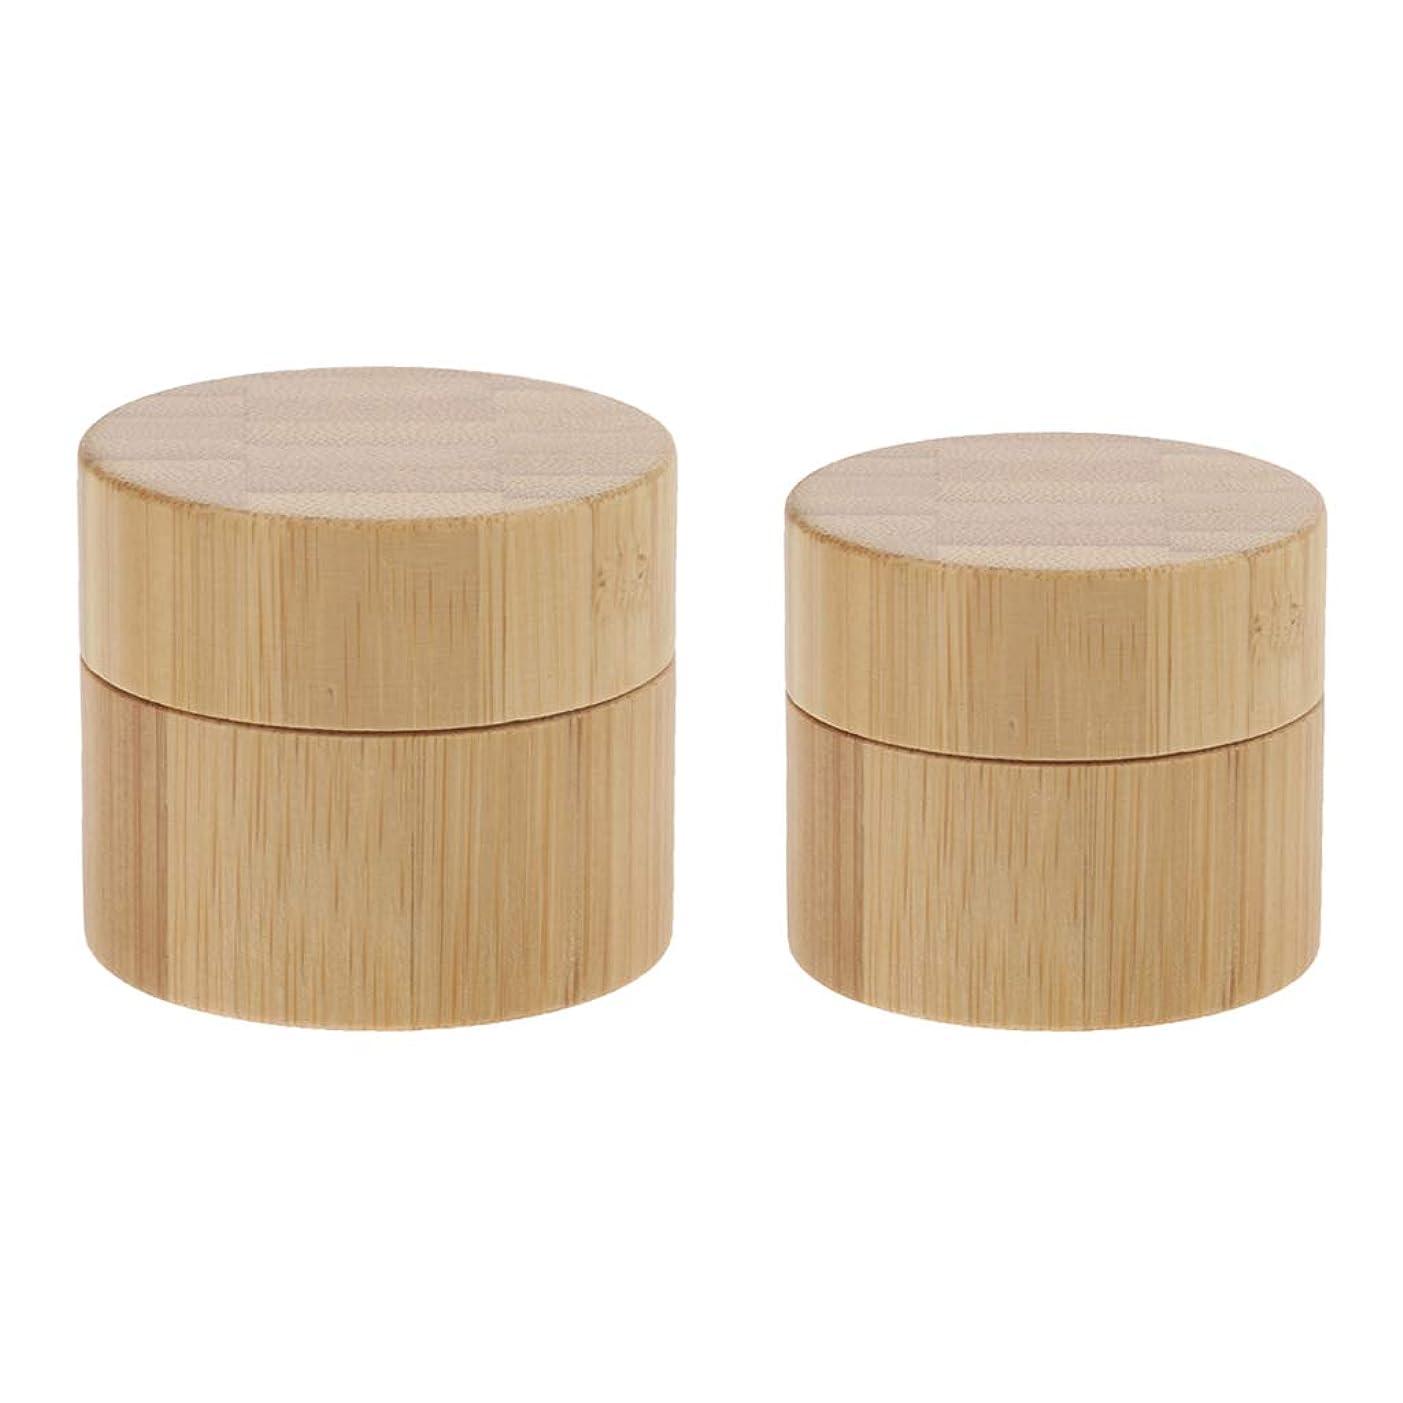 違うタイピストボールBaoblaze 2個 クリームジャー コスメ 詰替え容器 木製 旅行 小分け 便利